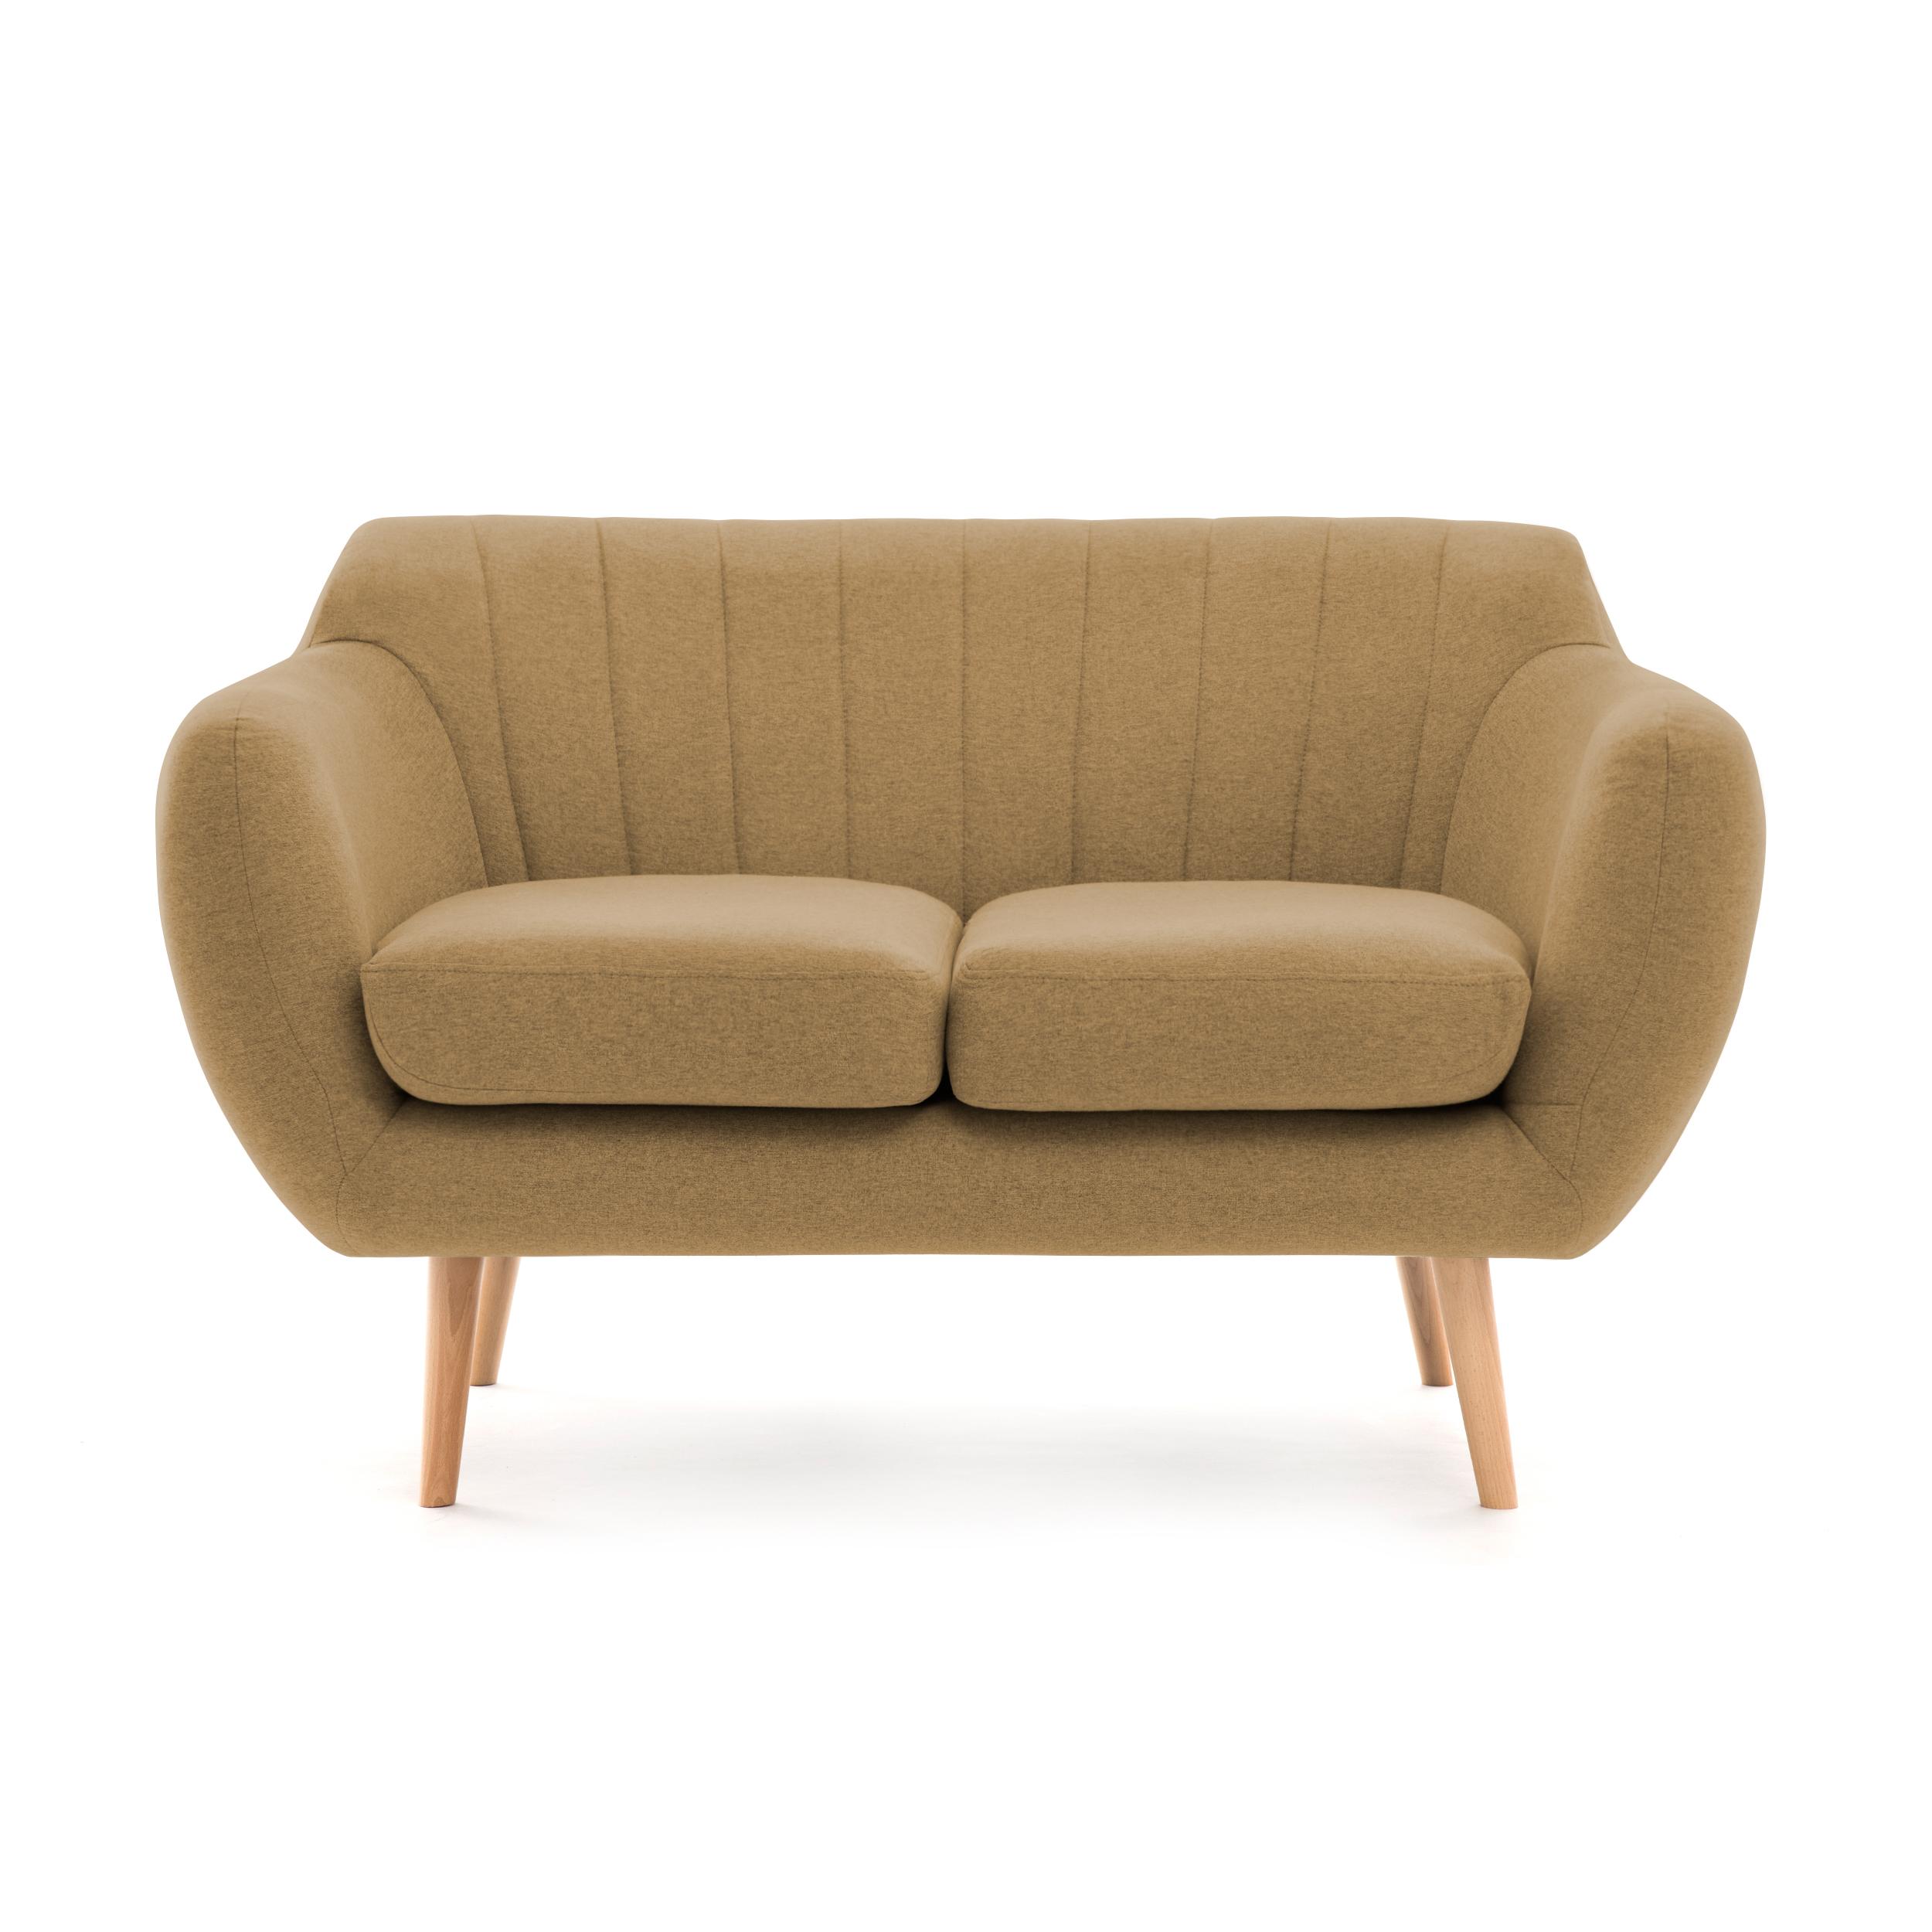 Canapea Fixa 3 locuri Kennet Sand